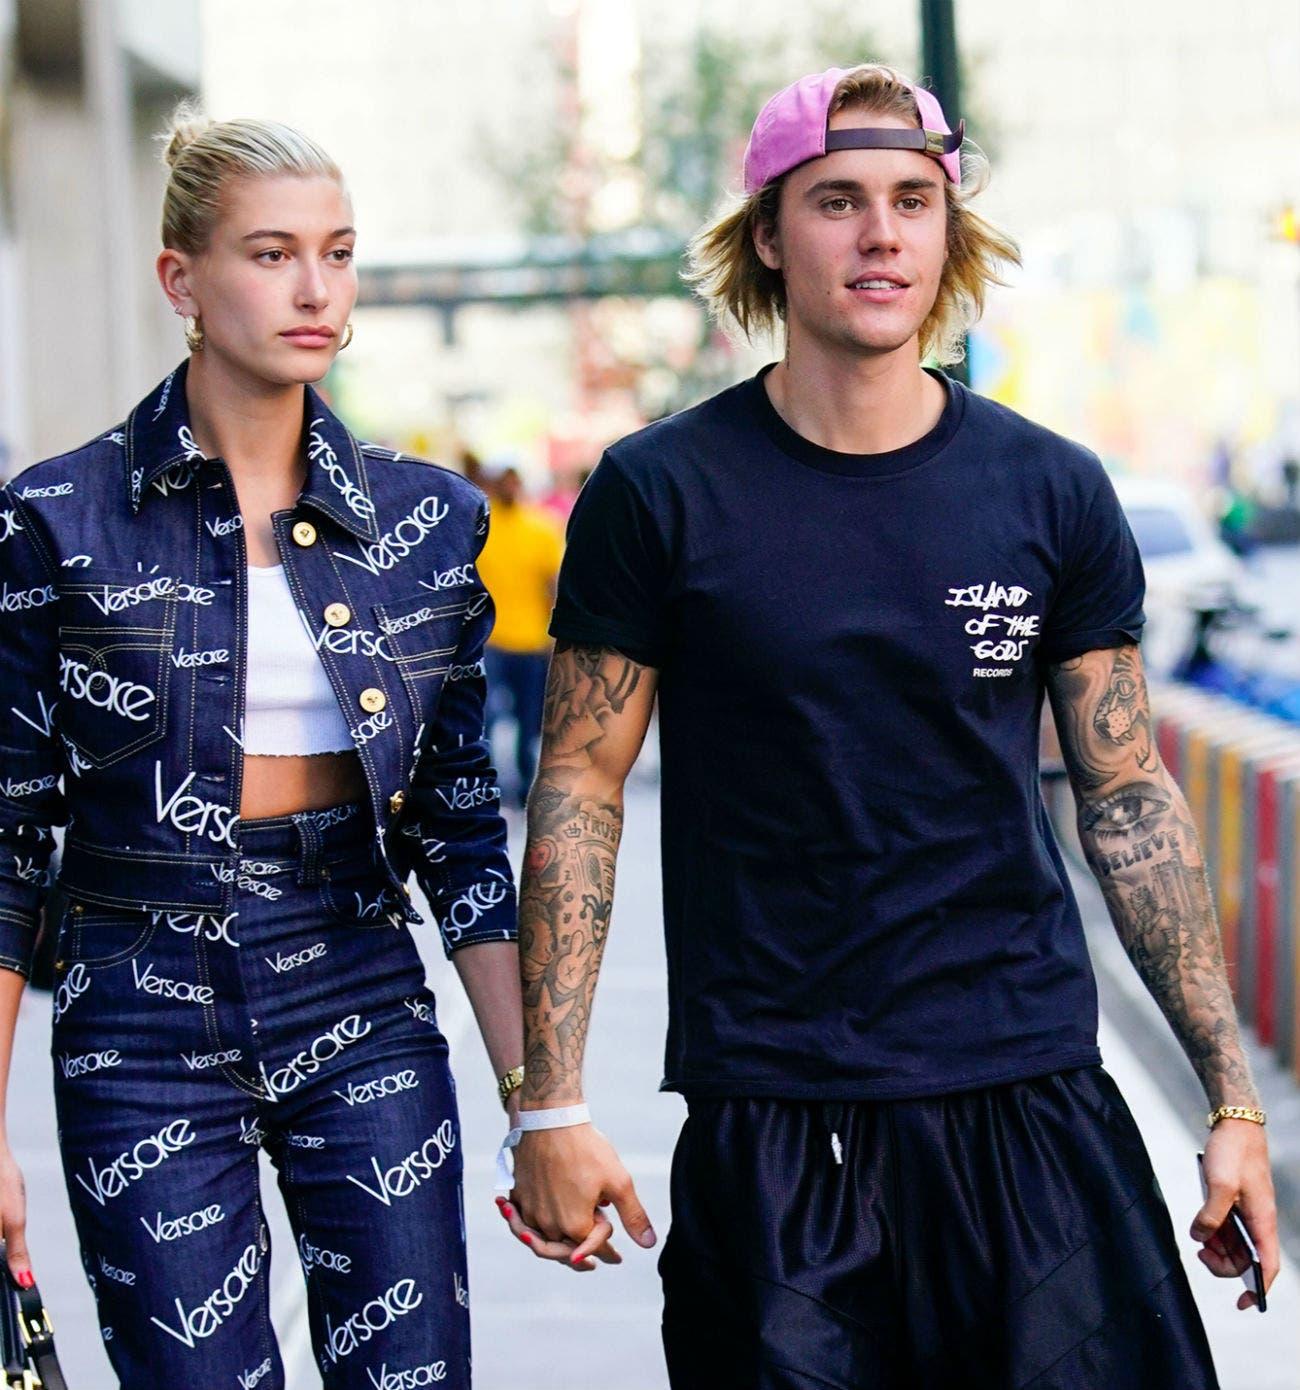 La extraordinaria suma que gastó Justin Bieber por un alquiler en Los Angeles